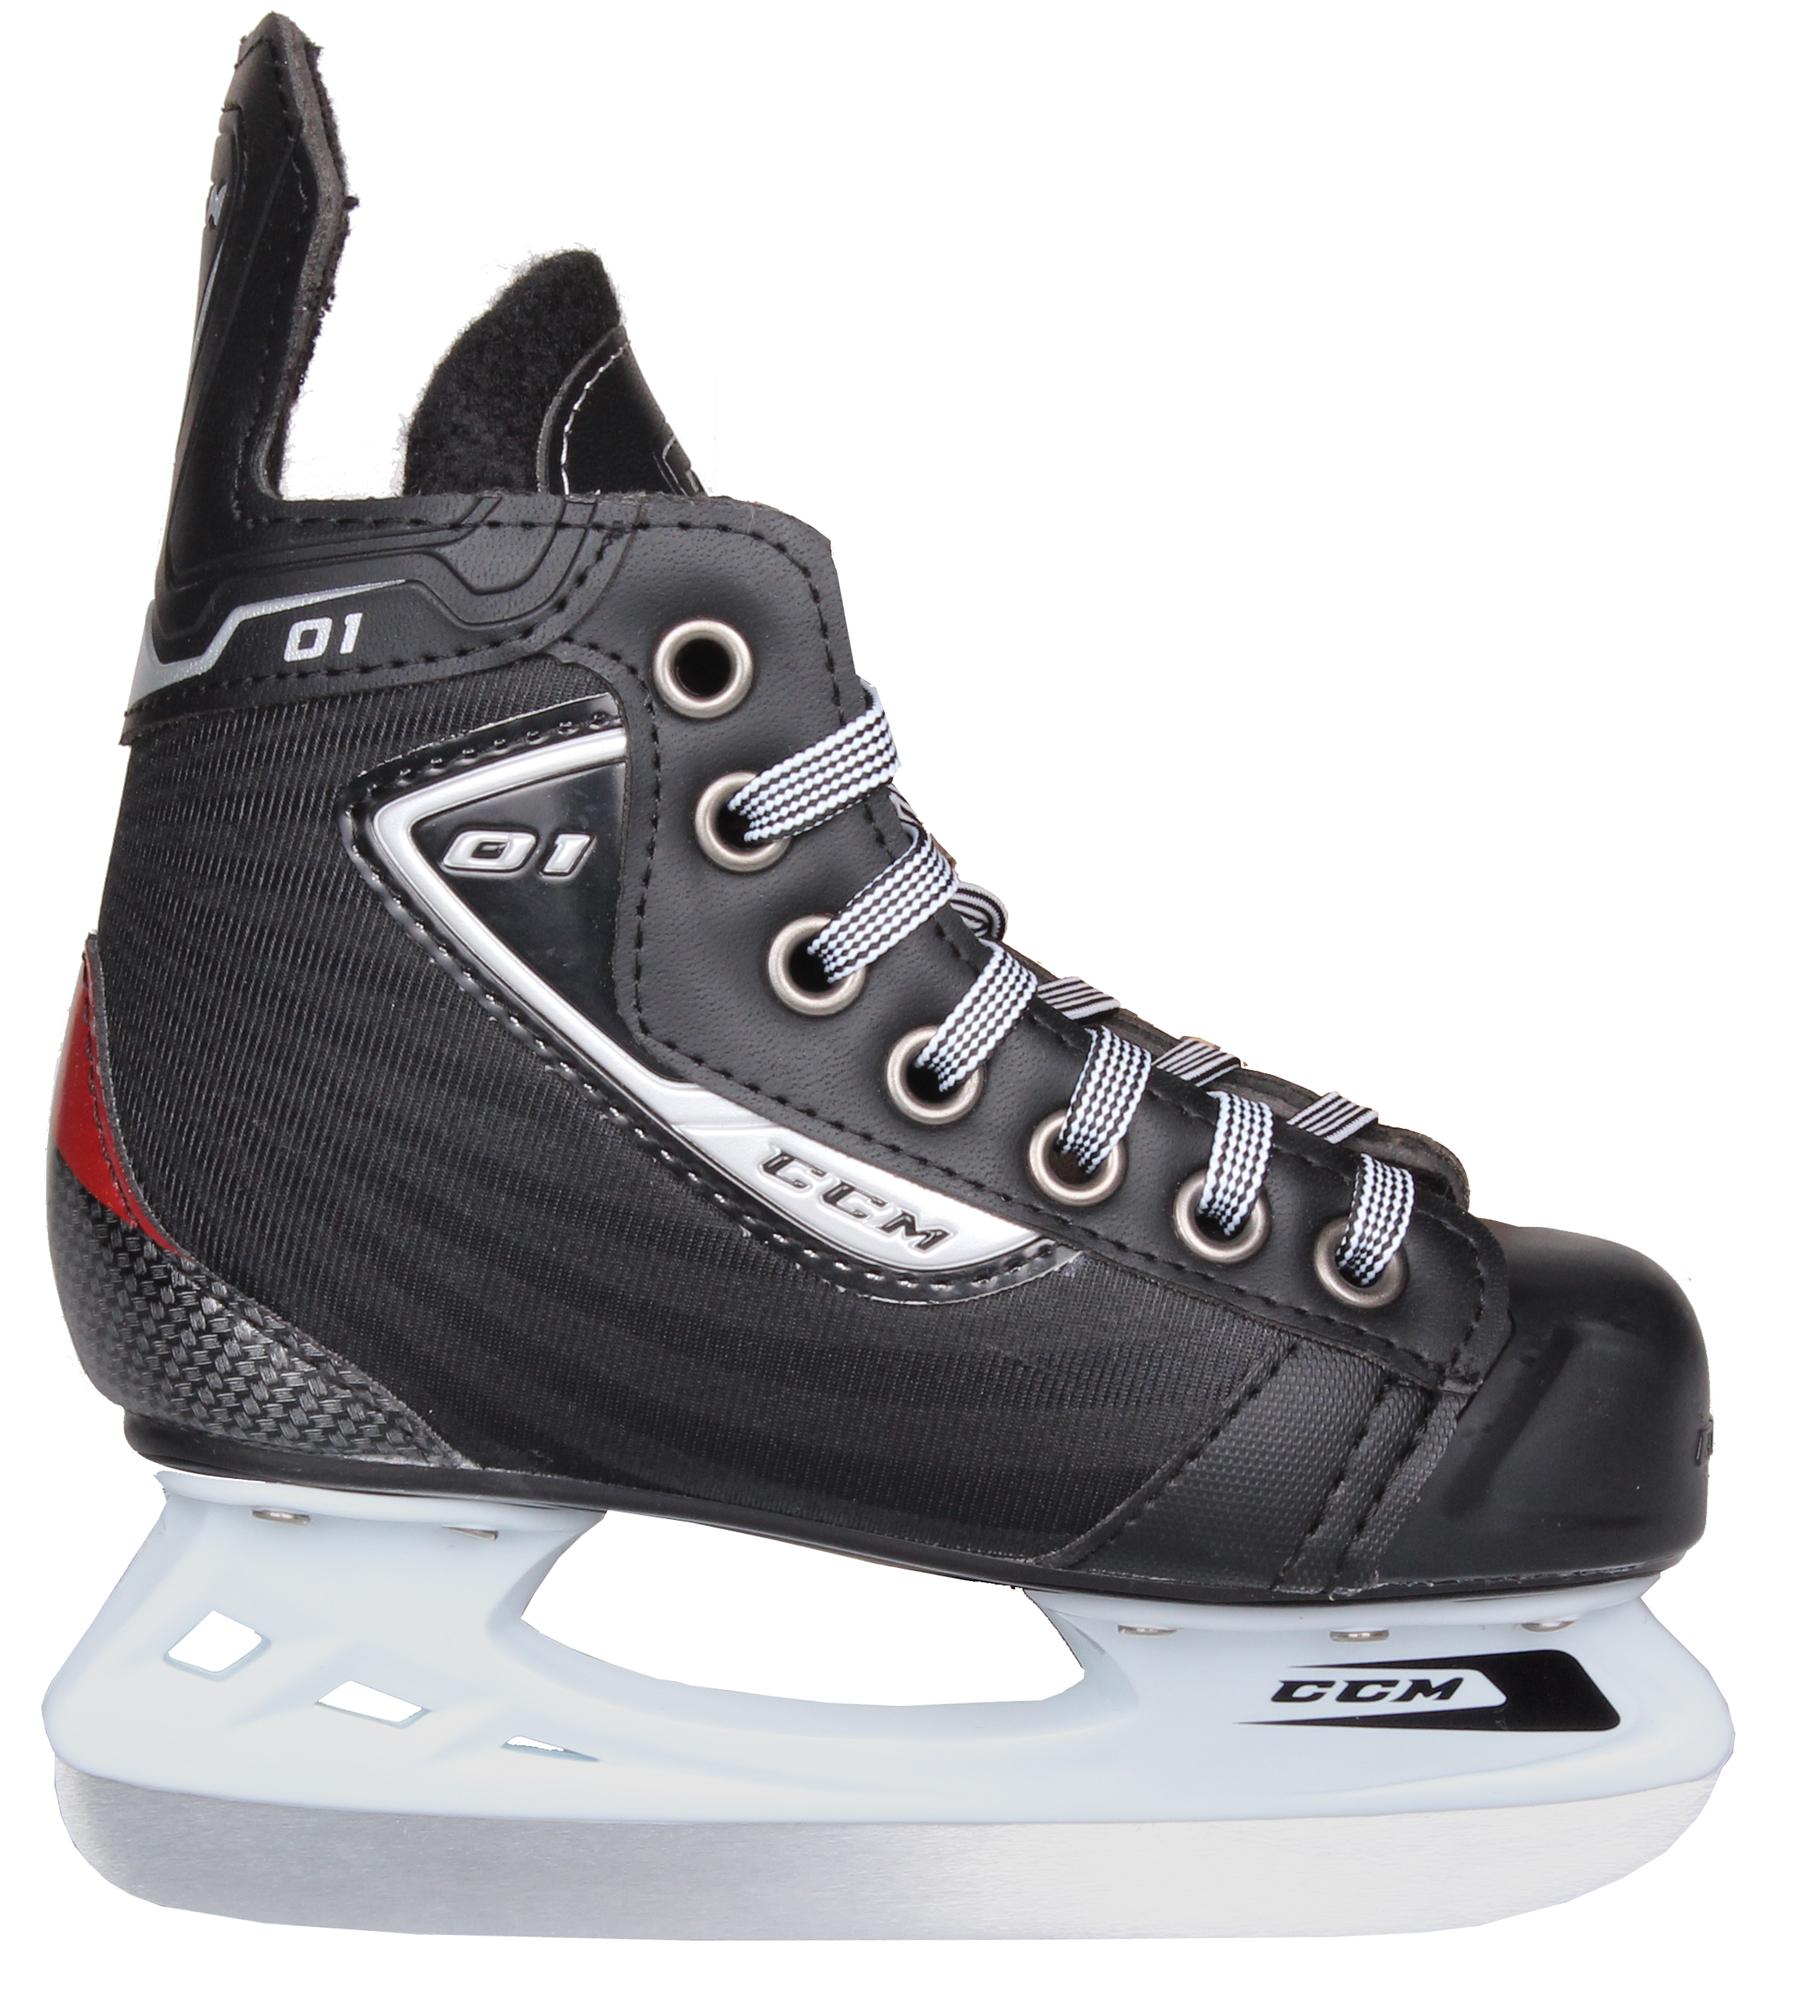 CCM U+ 01 JR hokejové brusle